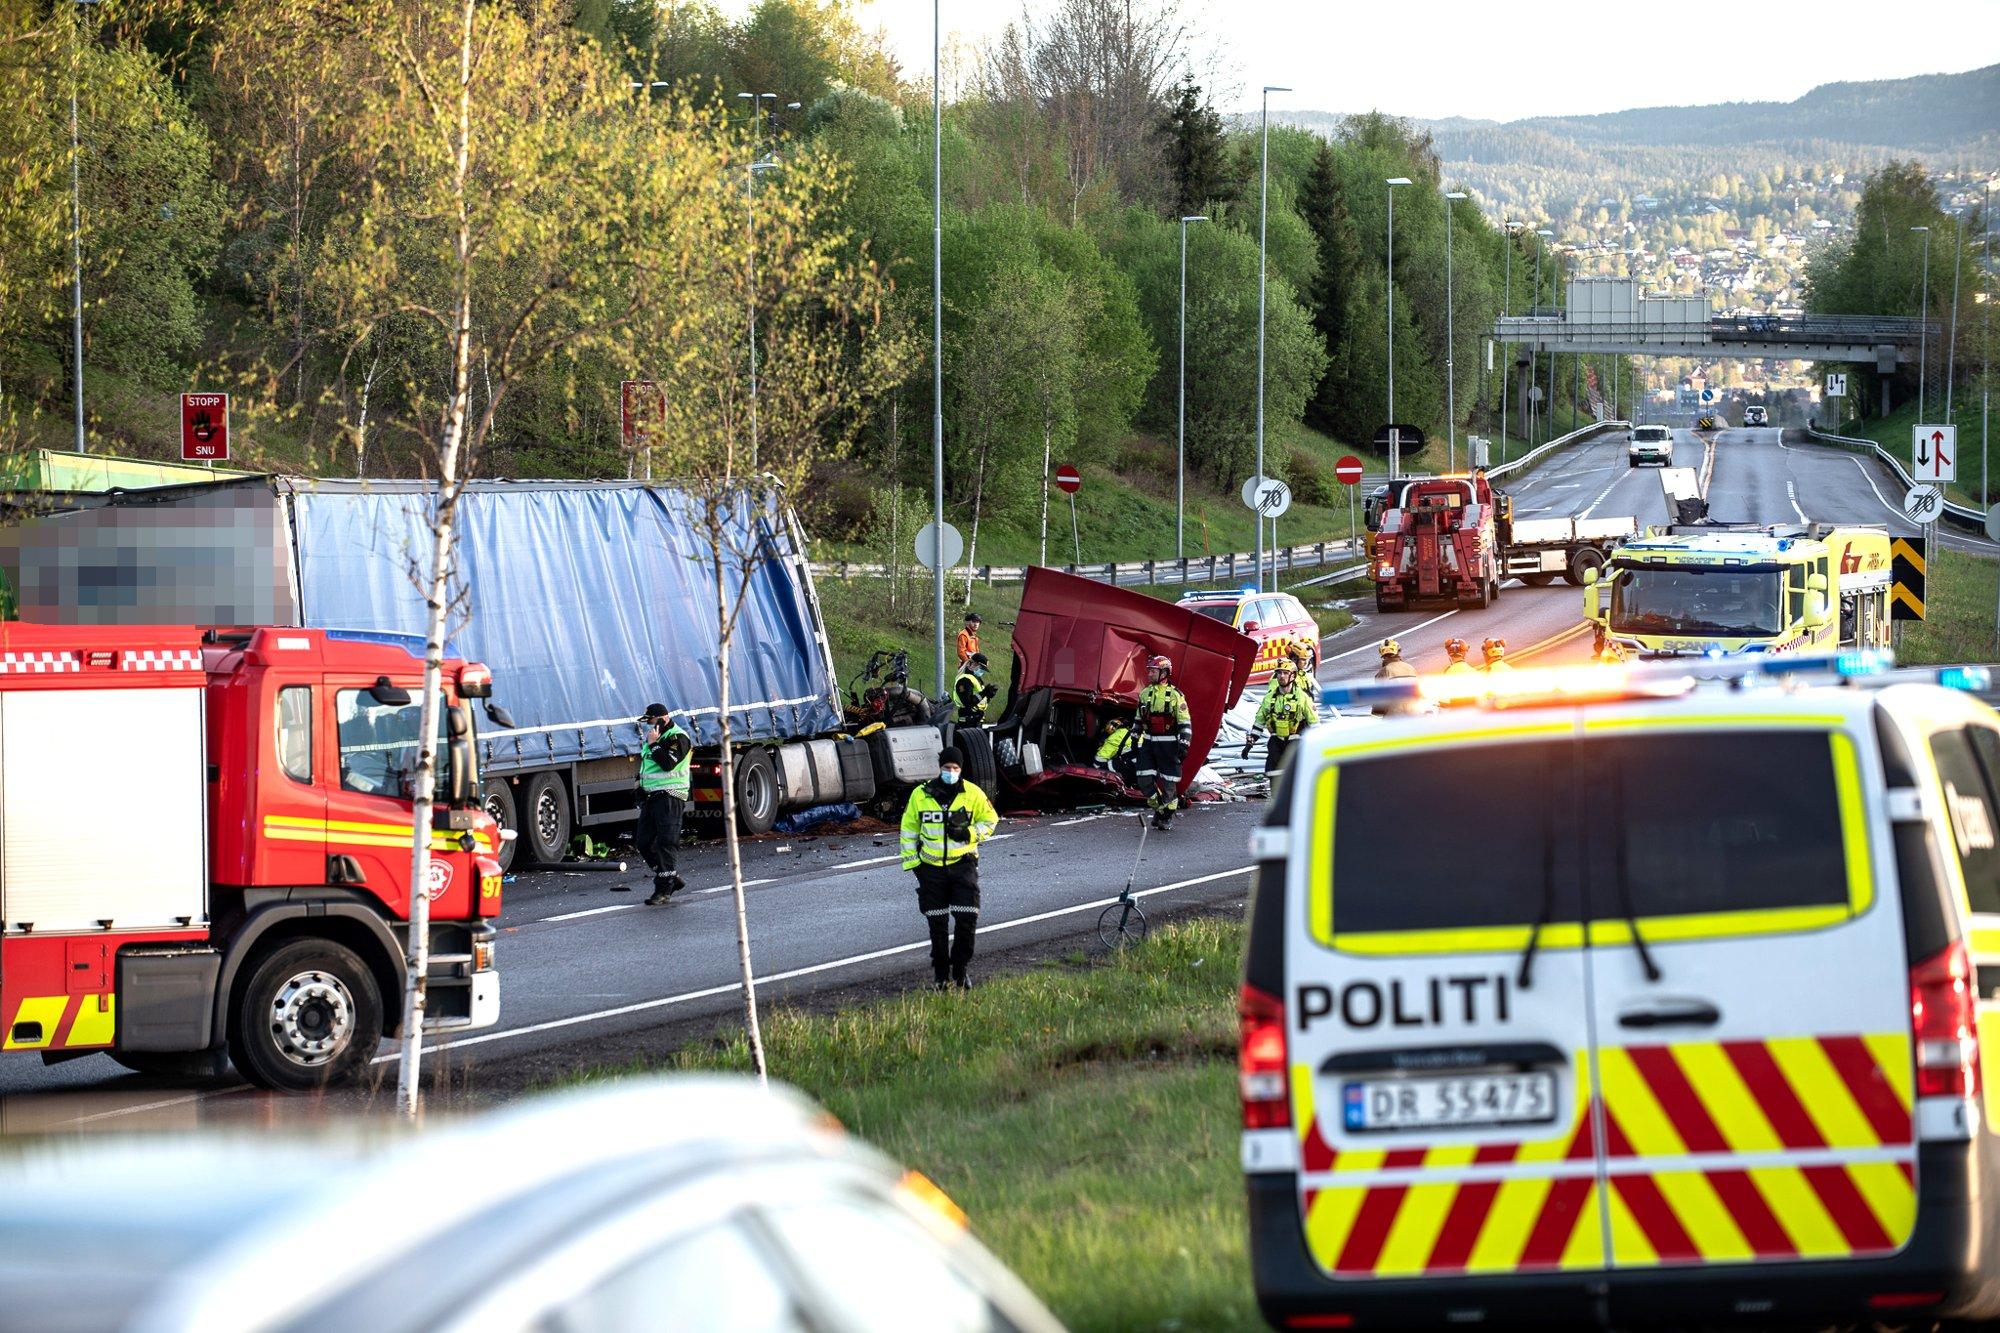 (+) Ordfører vil ta grep etter voldsom dødsulykke: – En tragisk hendelse